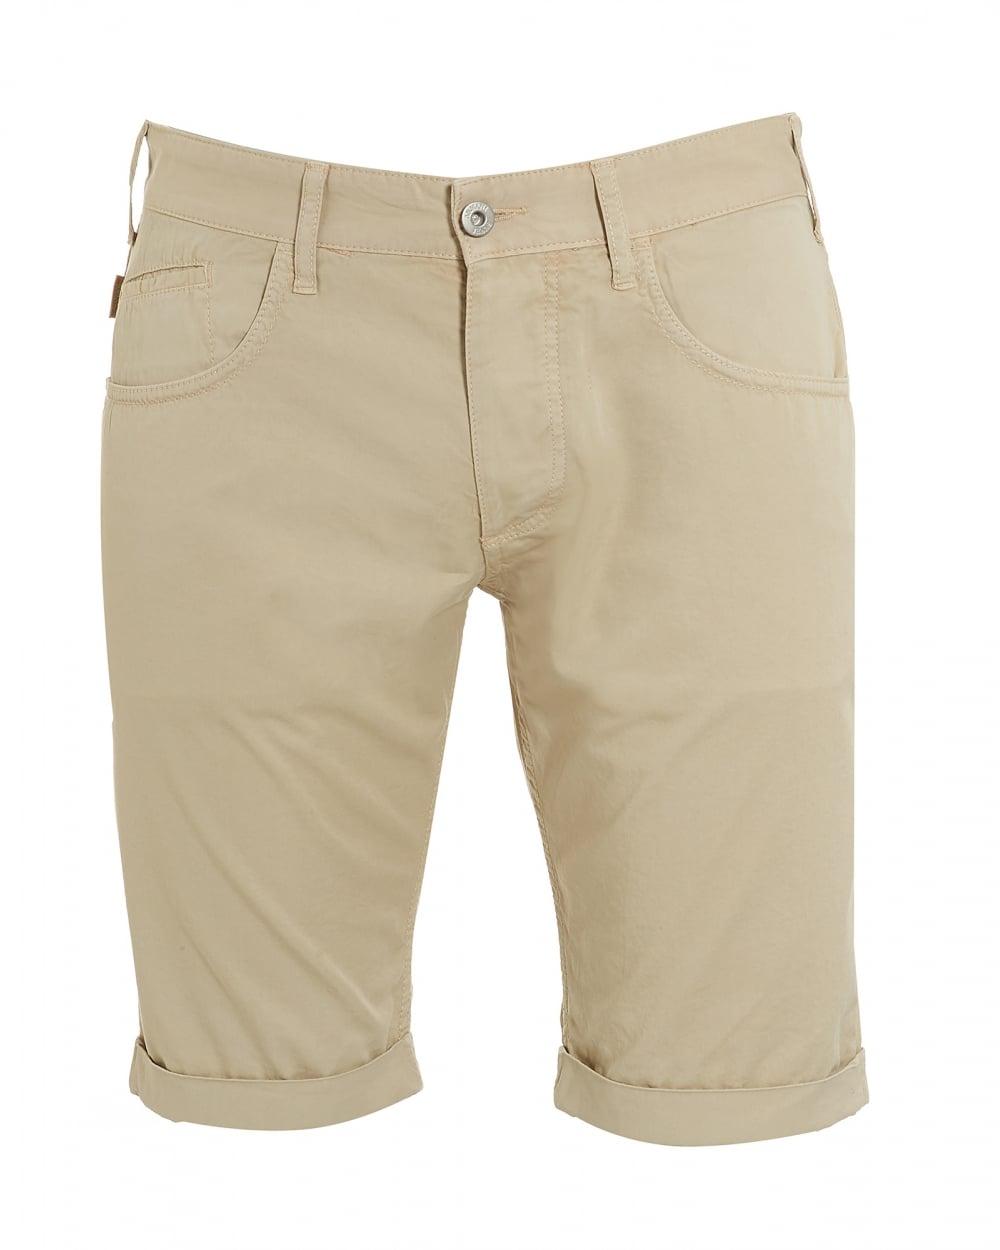 Armani Jeans Mens Five Pocket Regular Slim Fit Beige Shorts